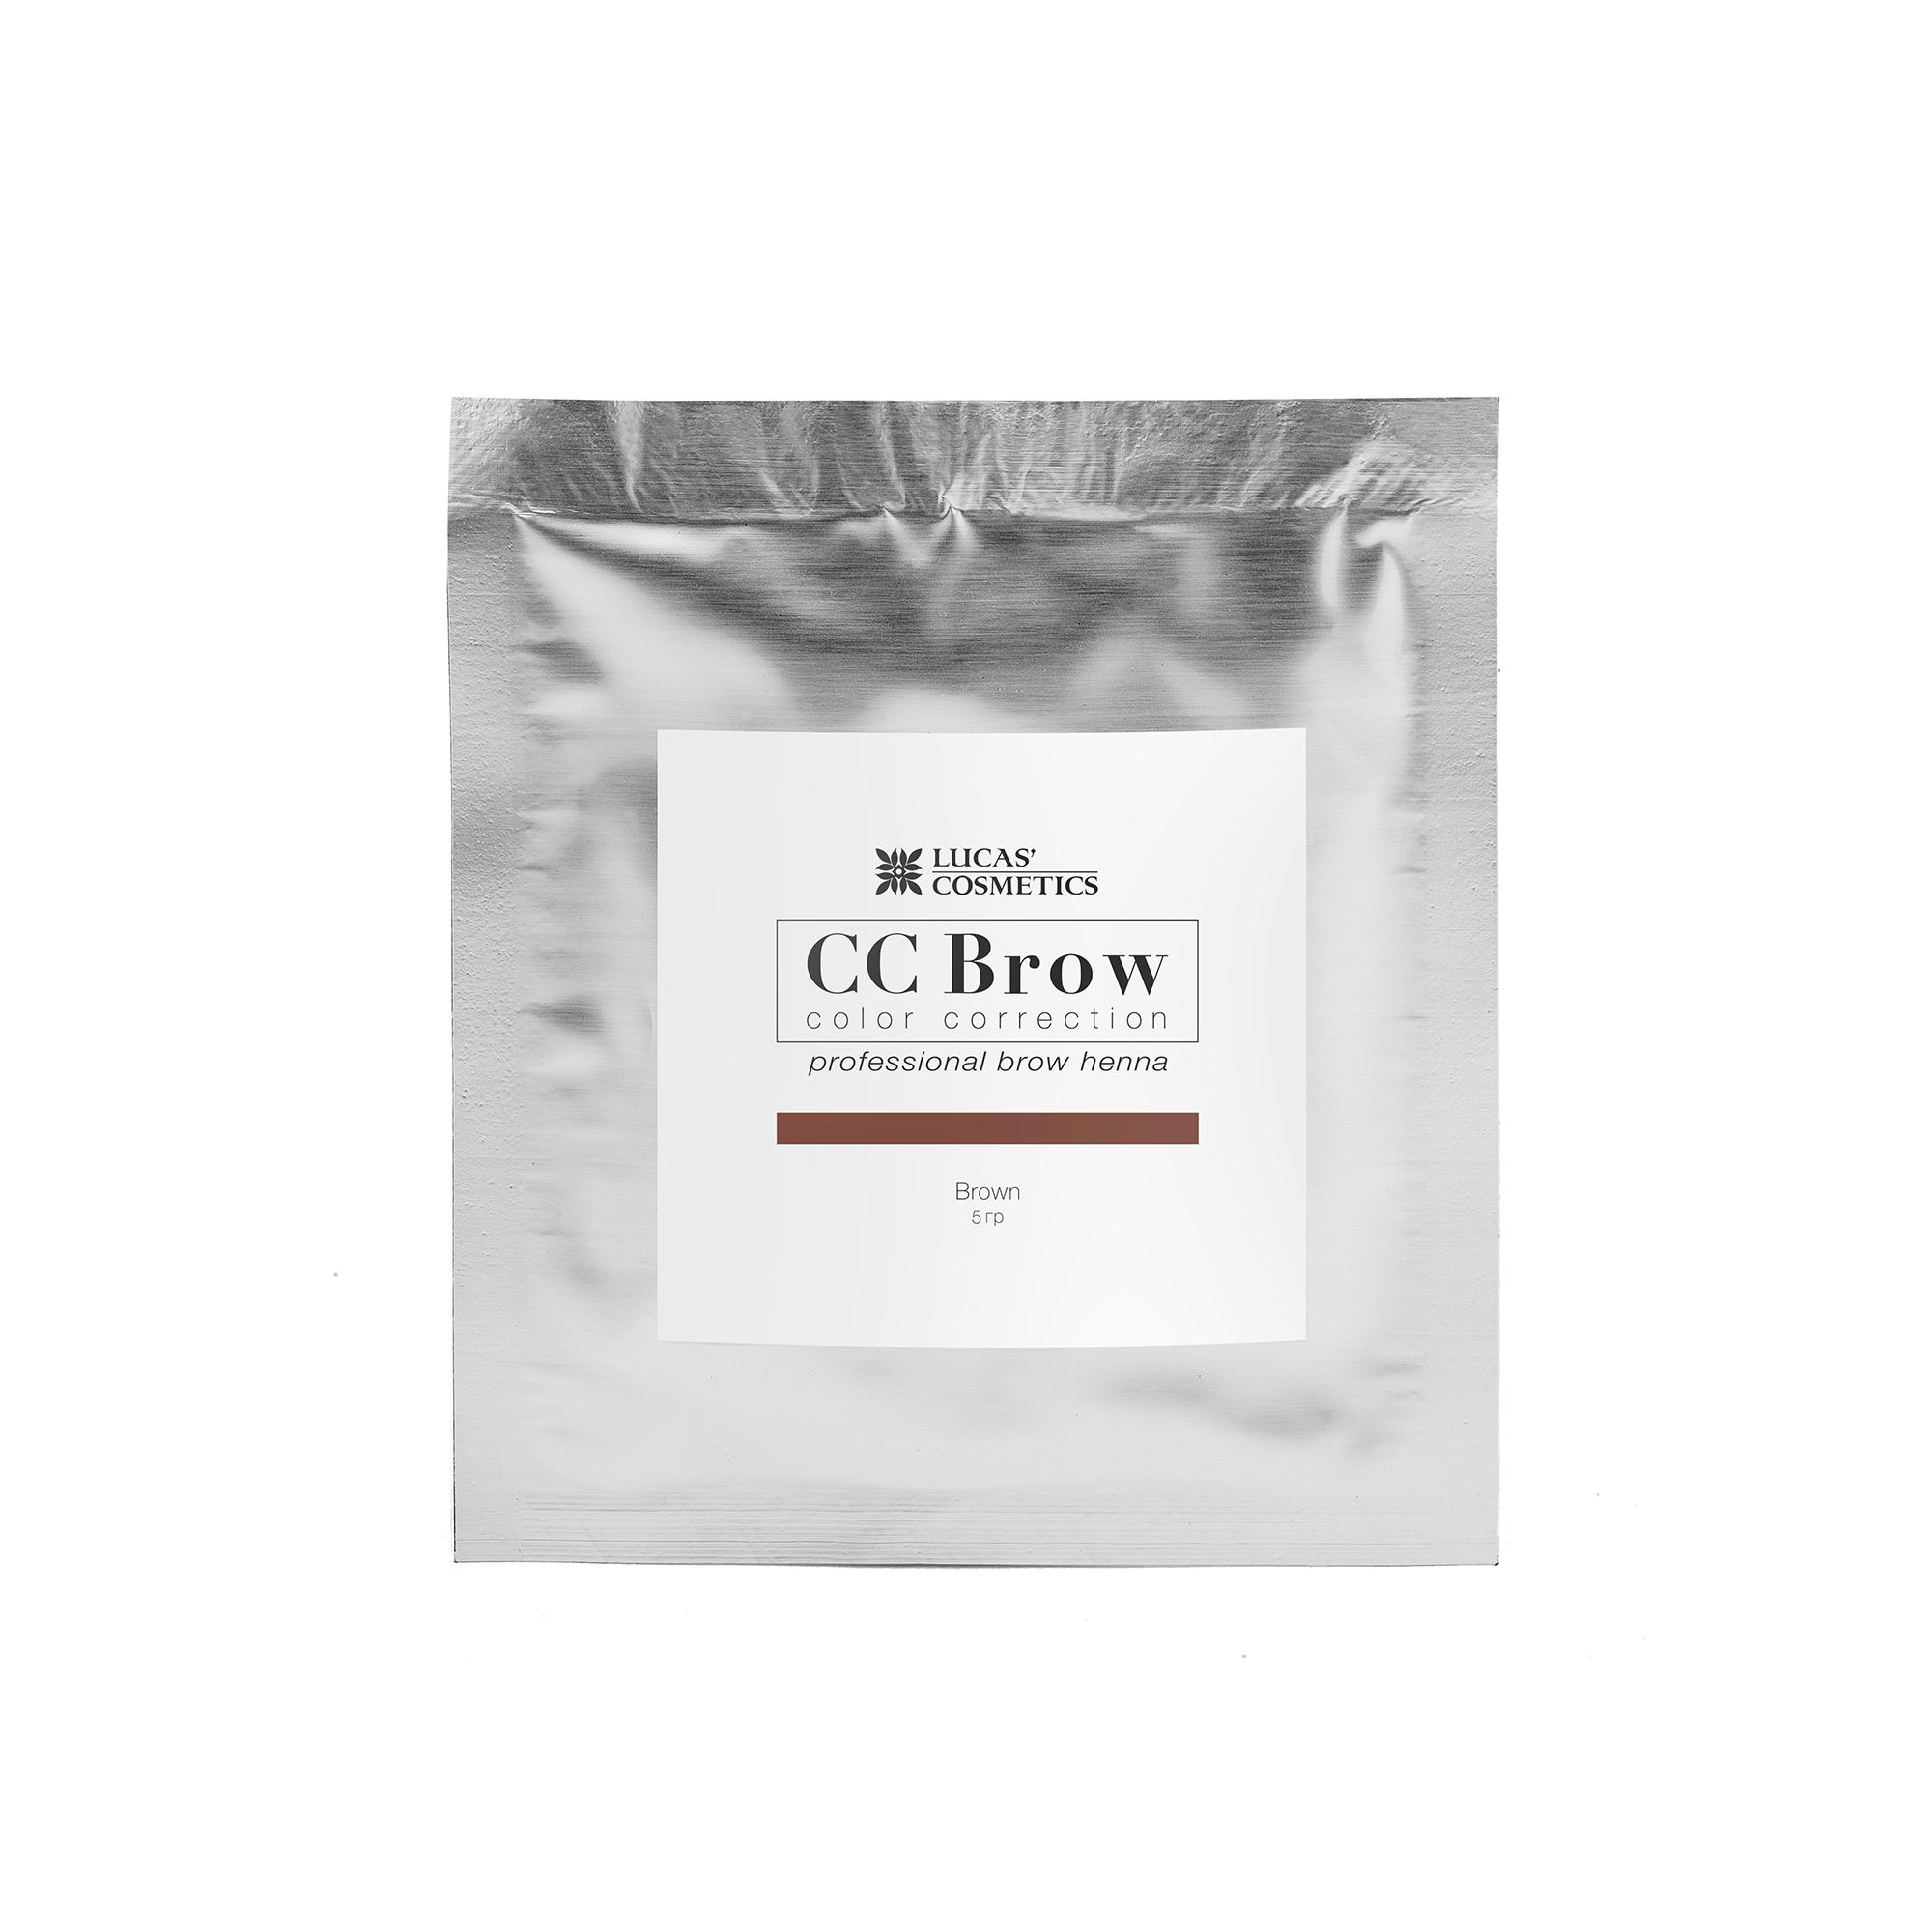 LUCAS' COSMETICS Хна для бровей в саше (коричневый) / CC Brow (brown), 5 гр